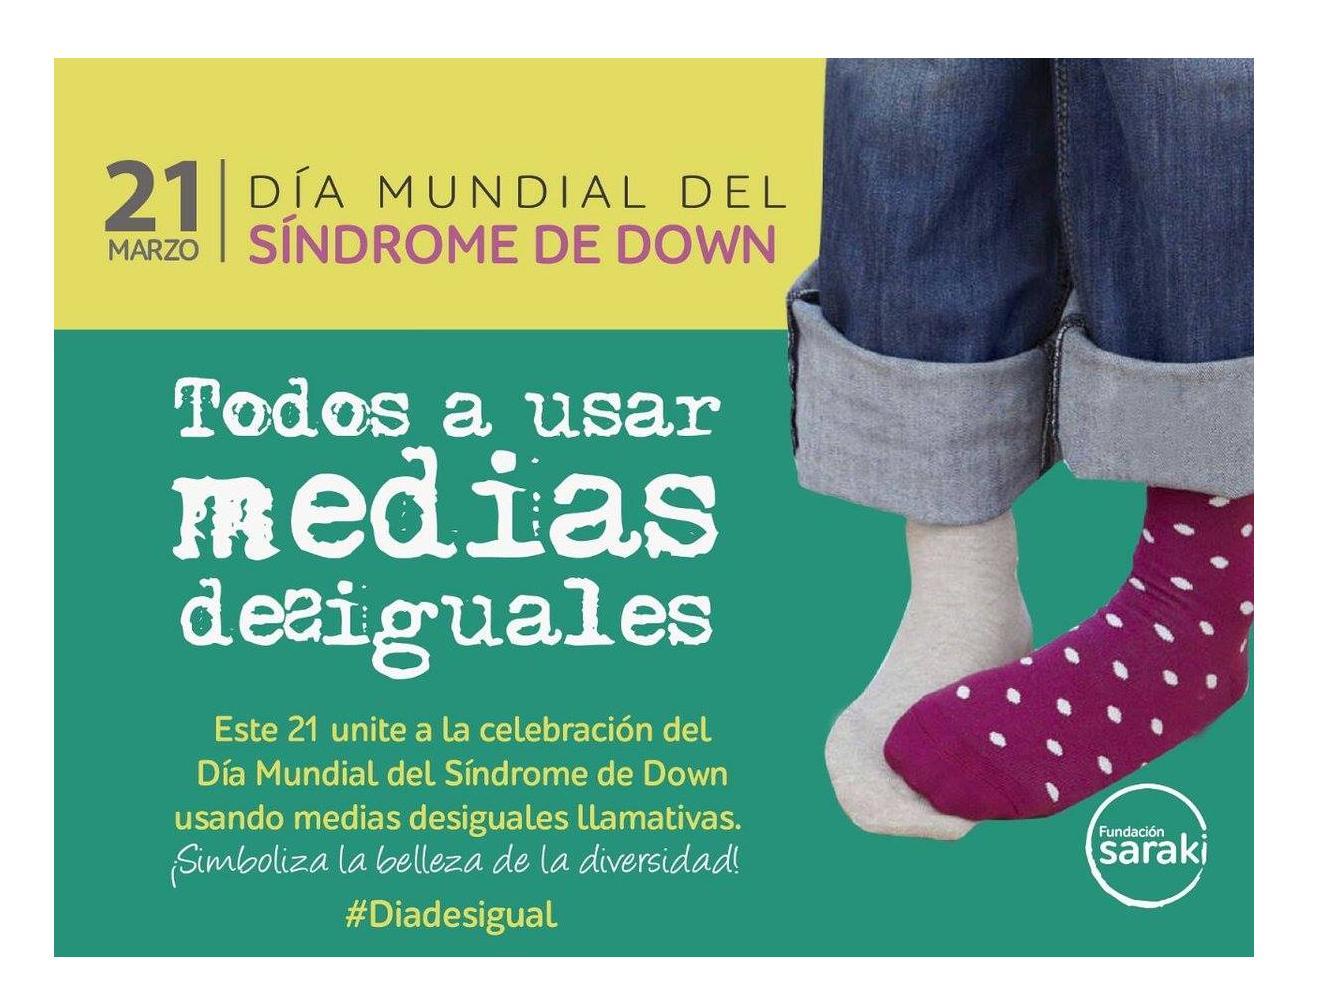 #DíaDesigual: Mañana se recuerda el Día Mundial del Síndrome de Down